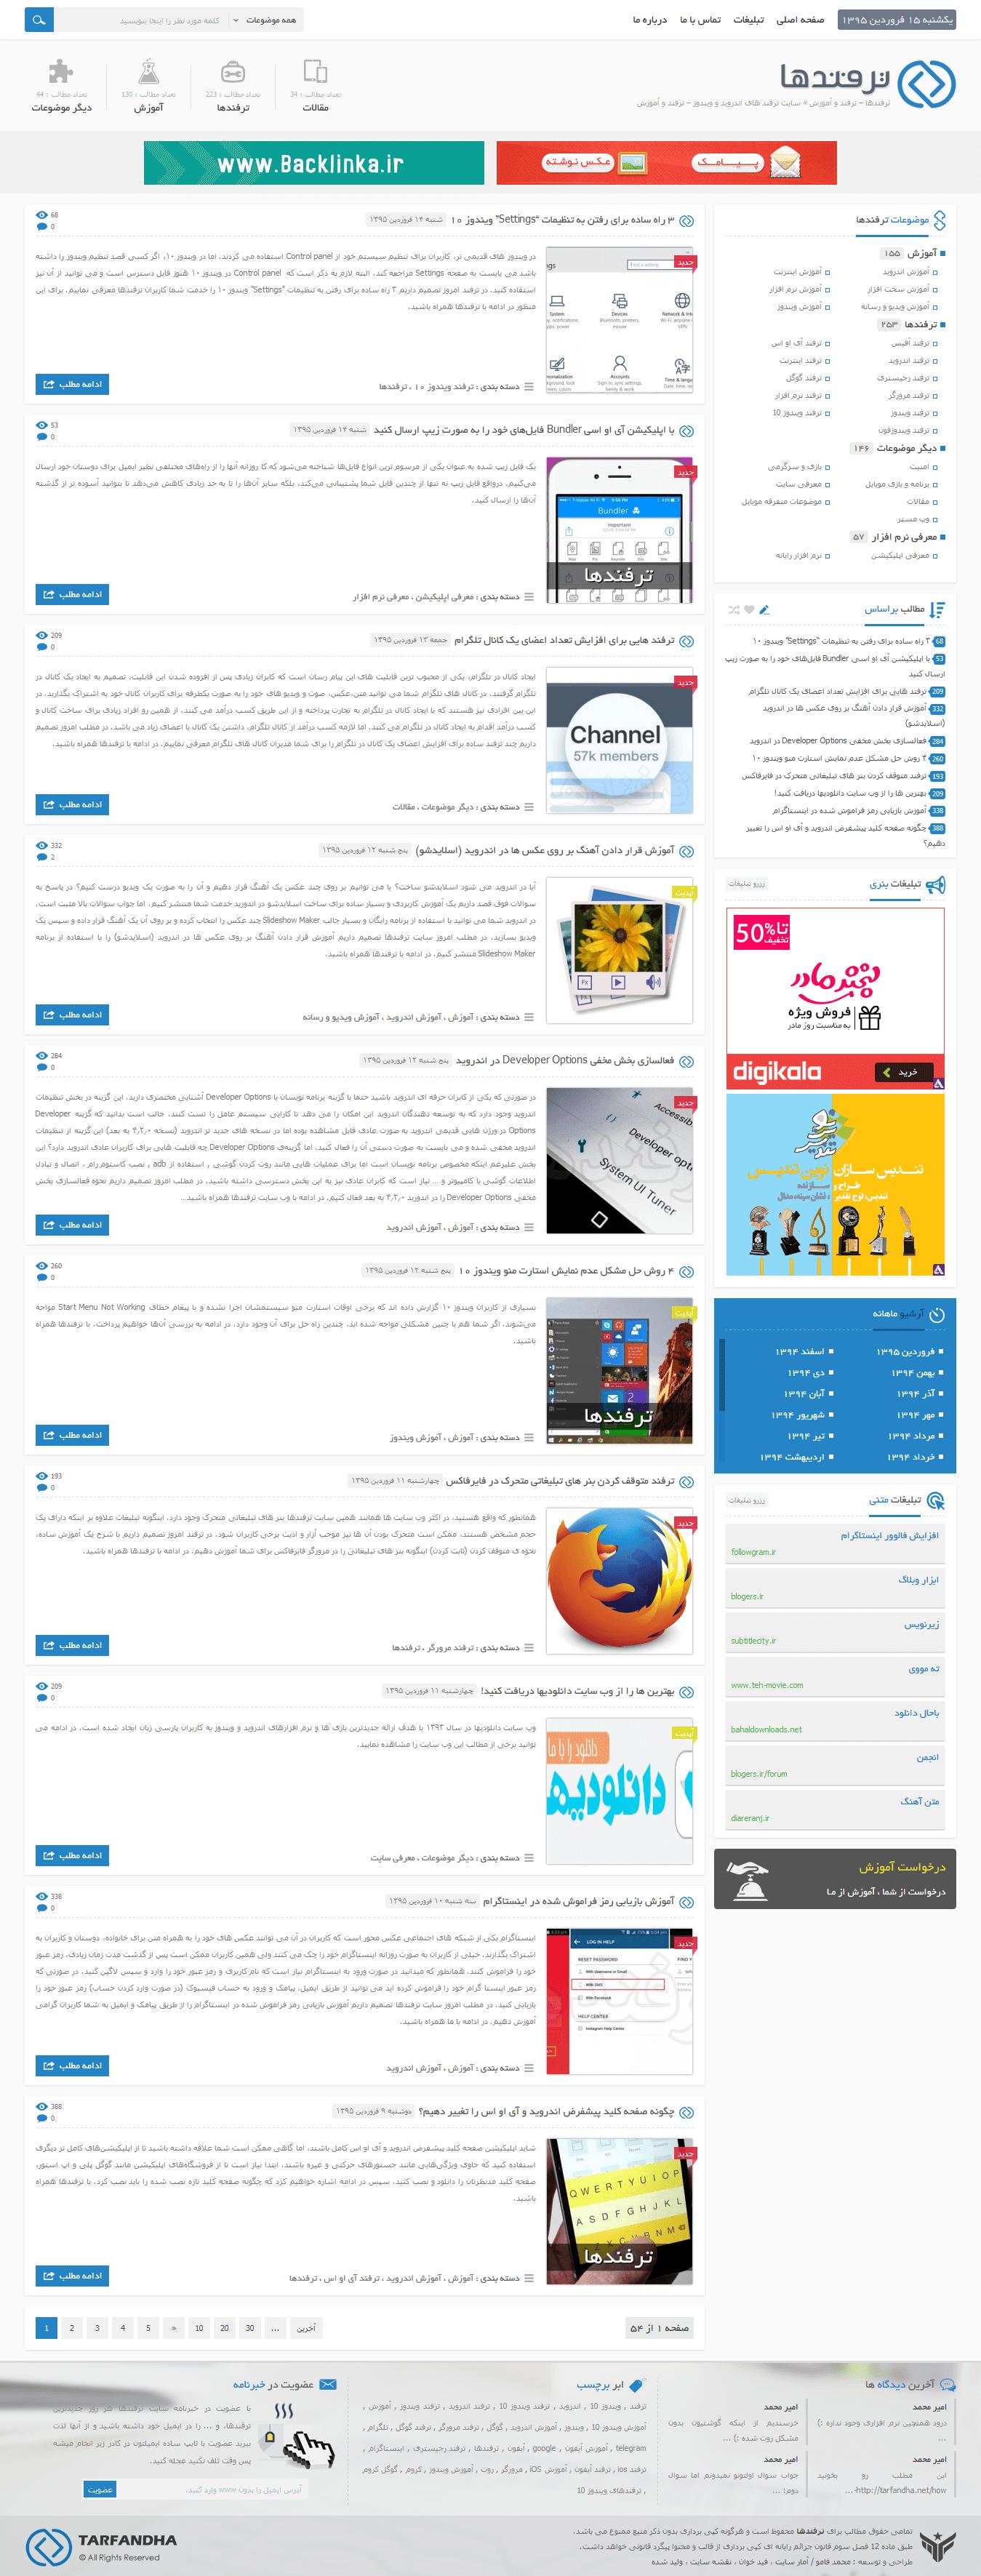 معرفی سایت کوچولو